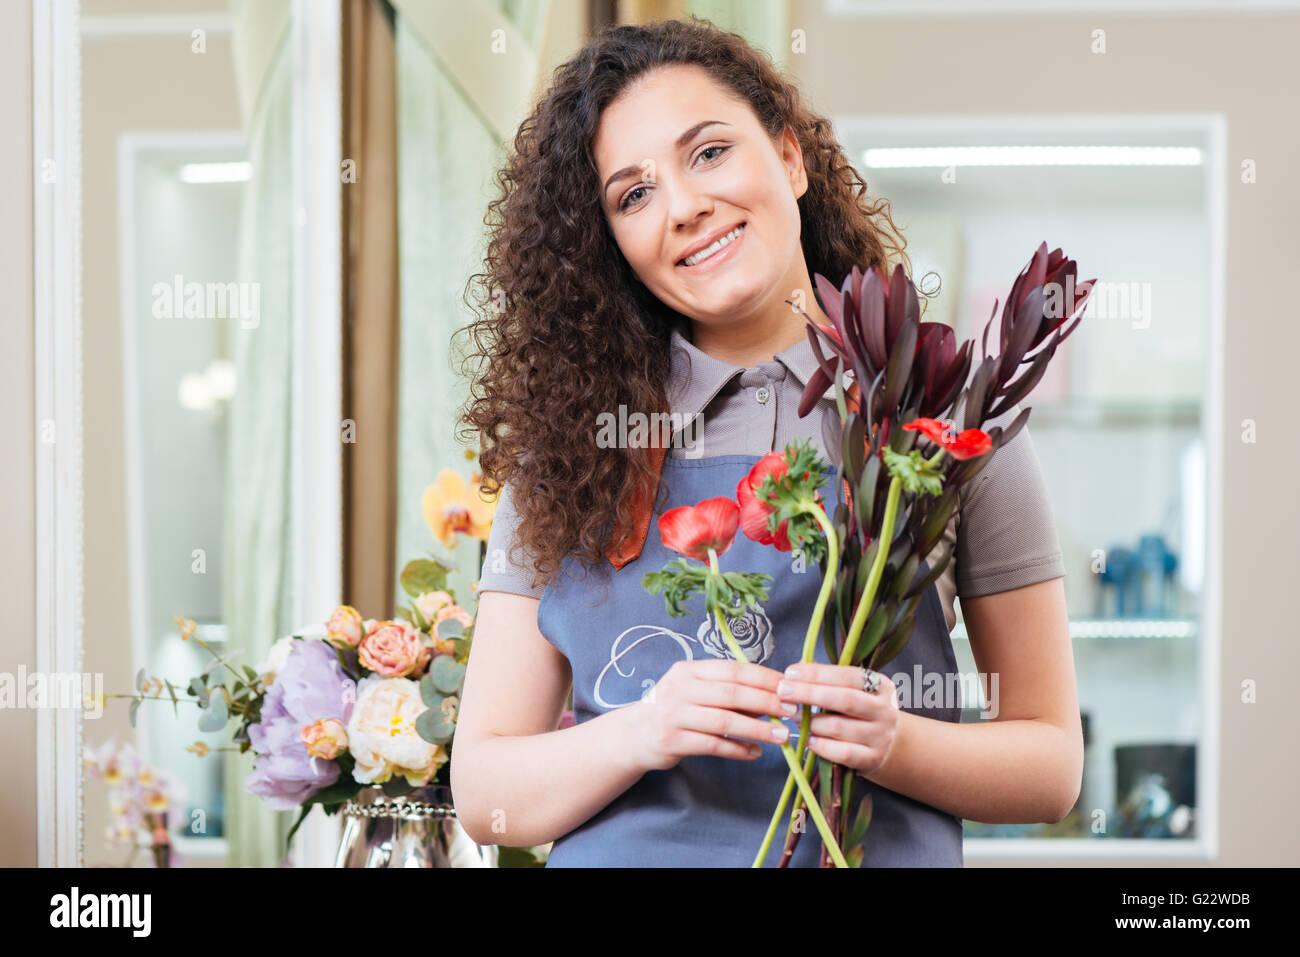 Porträt von schönen lockigen Frau Florist im Blumenladen Stockbild